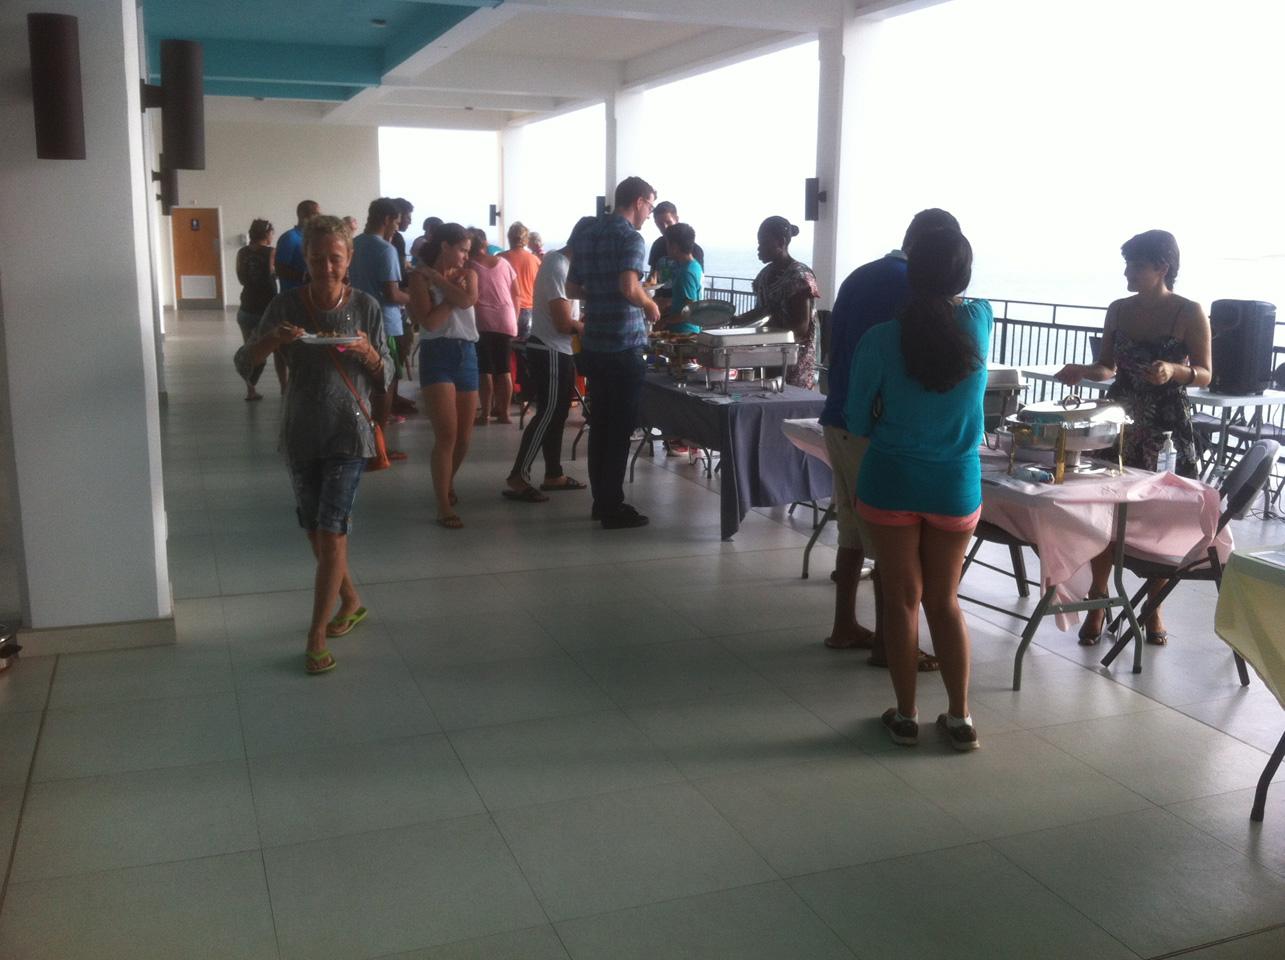 SGU Foodfair